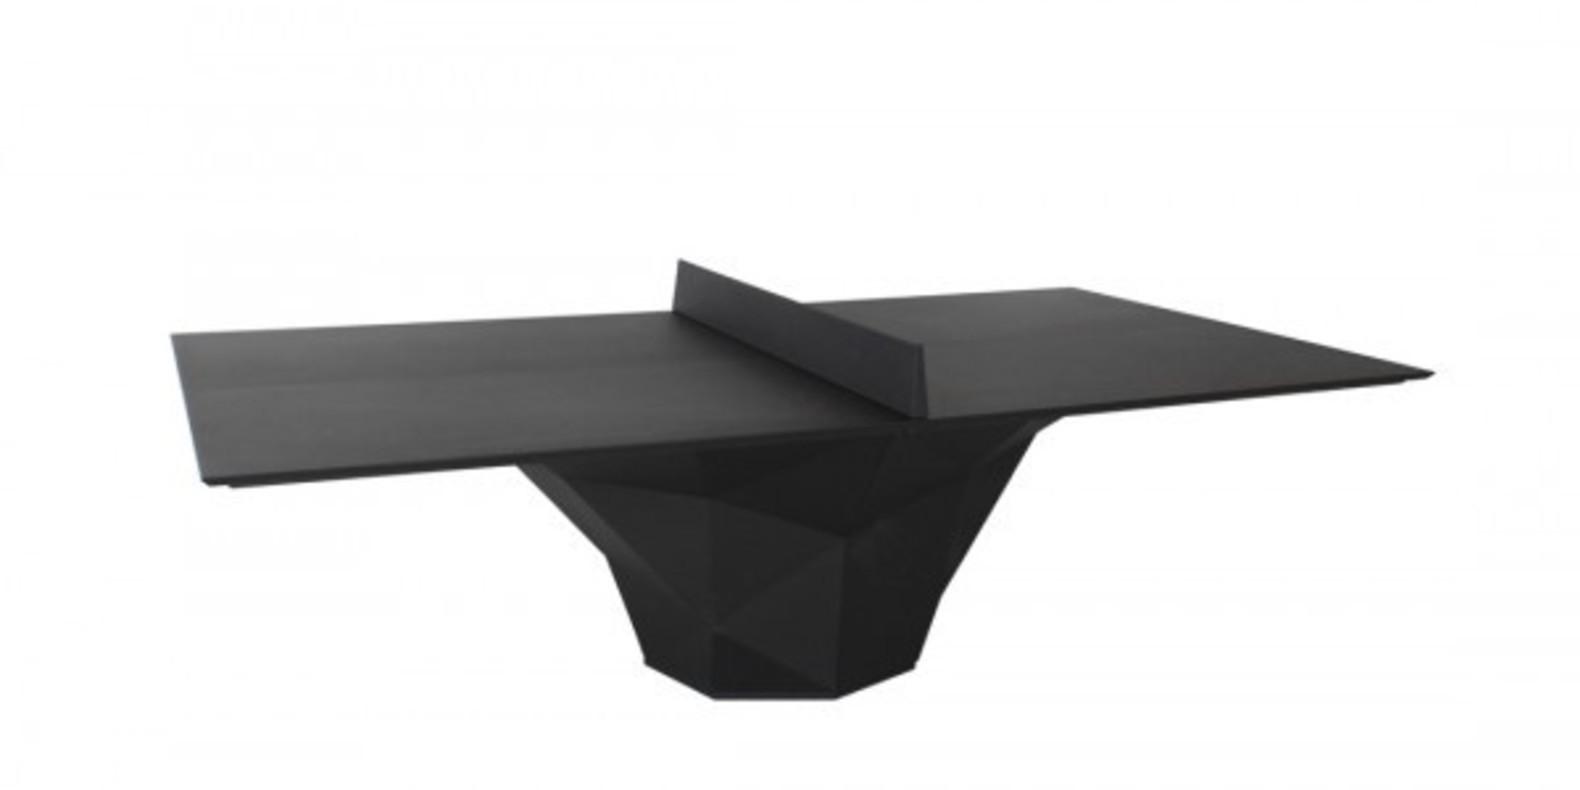 Cults table de ping pong imprimée en 3D janne kyttanen 3D printing fichier 3D imprimante 3D sport design